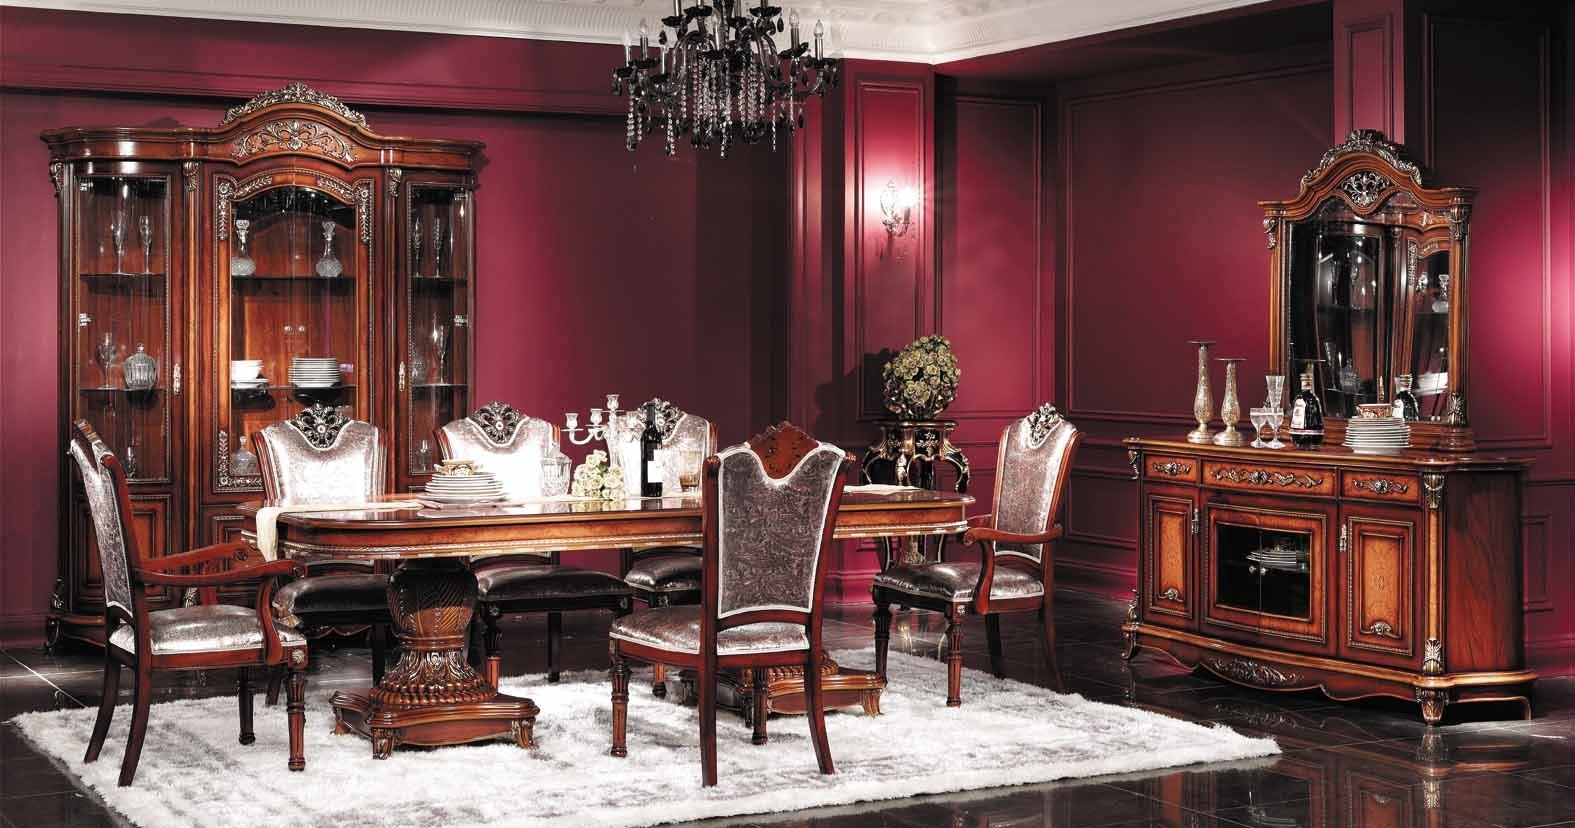 Meubles classiques salle manger 3071 meubles classiques salle manger 3071 fournis Meuble classique